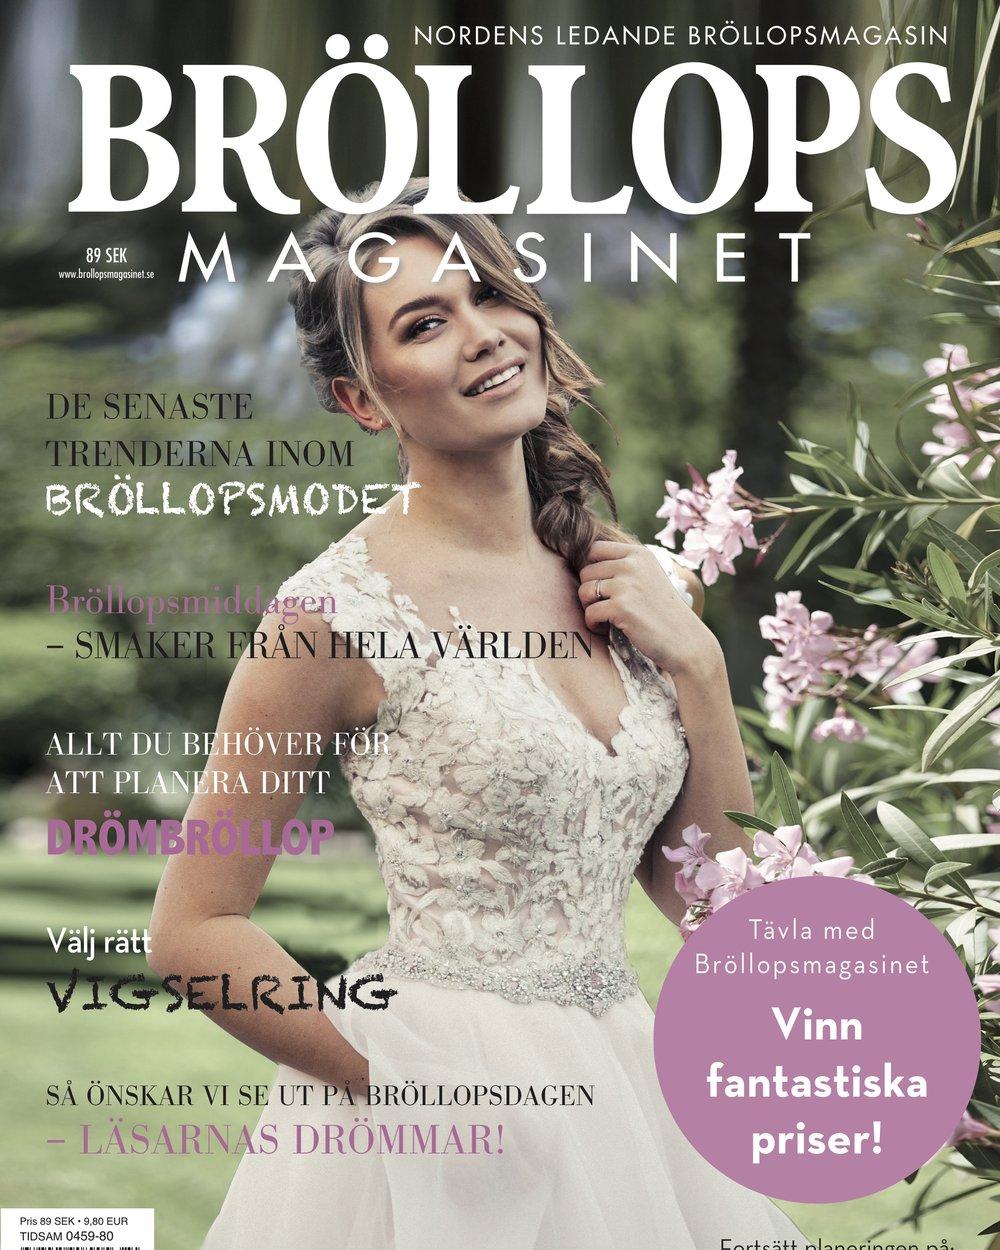 Bröllops Magasinet May 2017